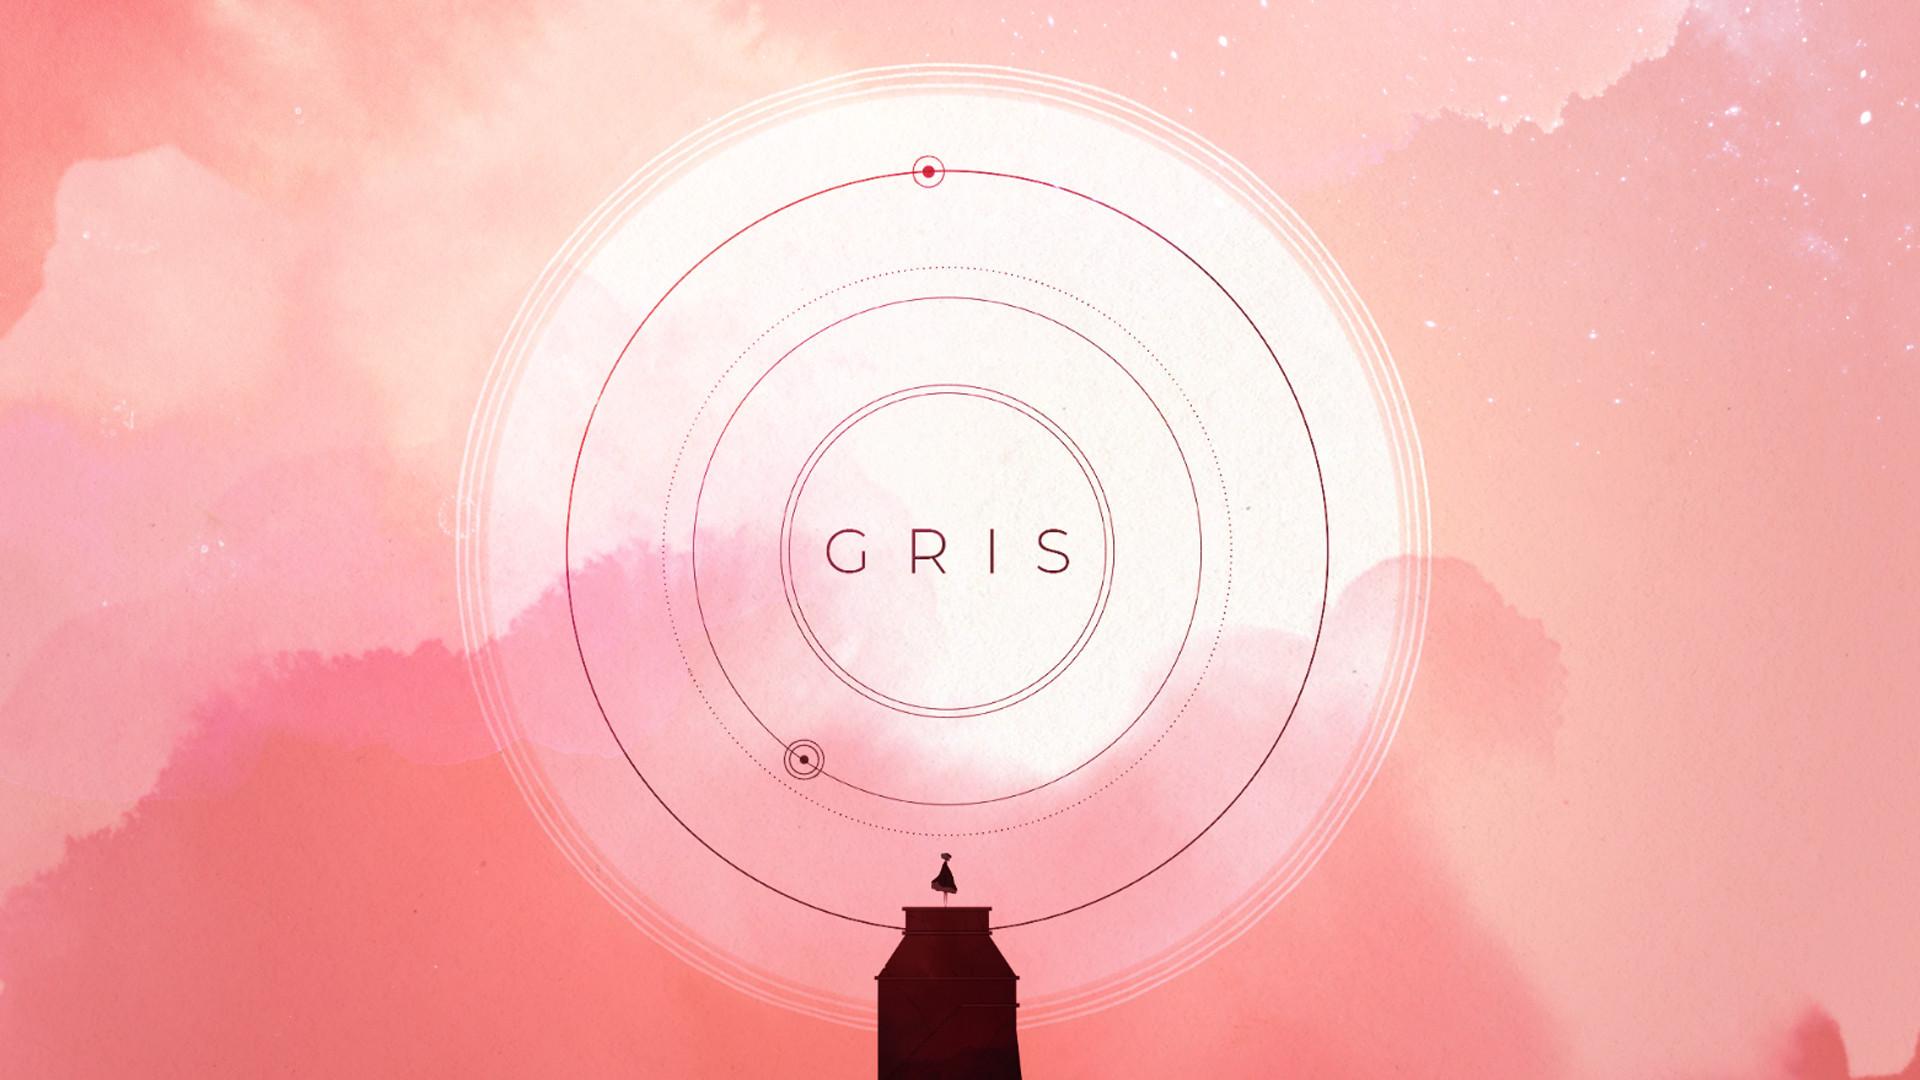 Sony показала релизный трейлер Gris для PS4